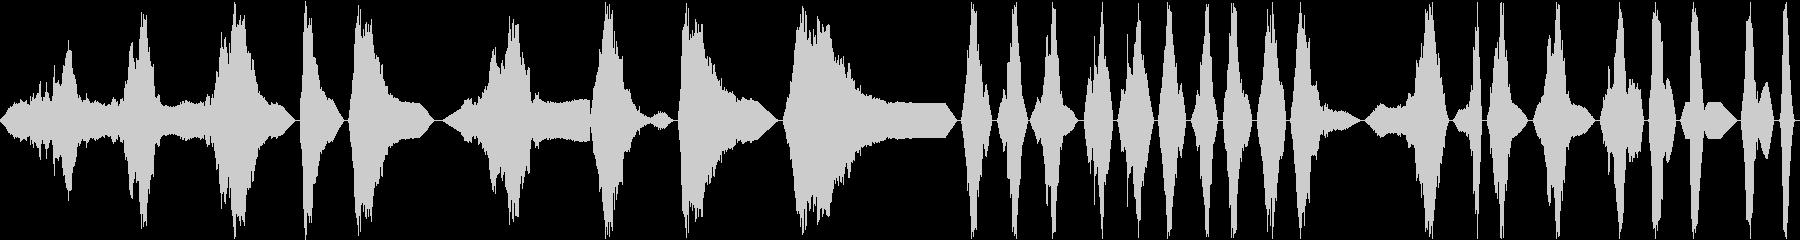 渦巻状の金属のパルス、シャープ、ハ...の未再生の波形